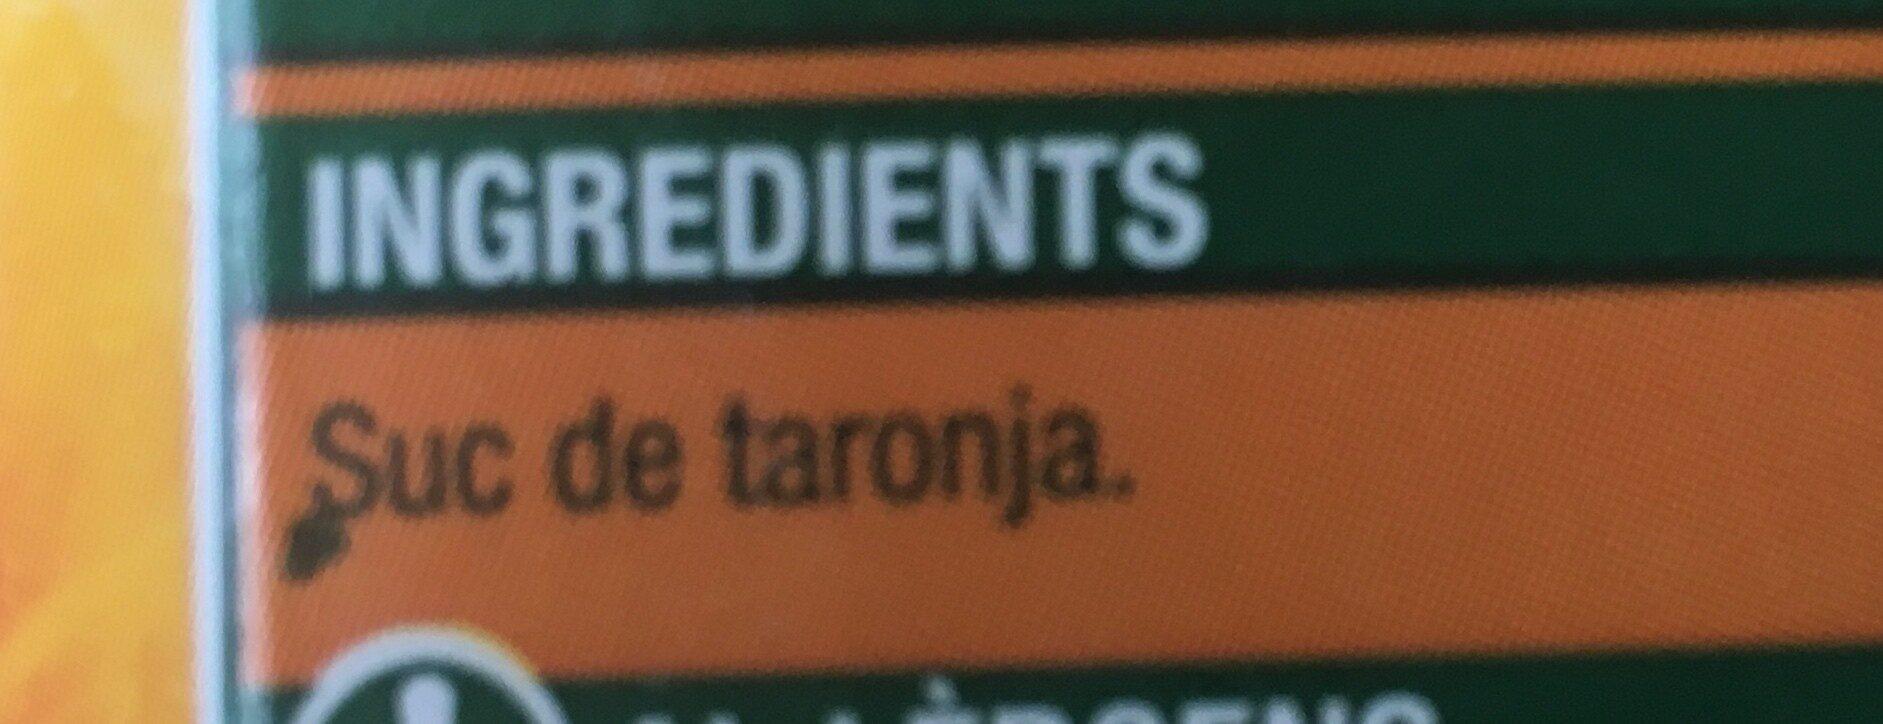 Suc de taronja - Ingredientes - es